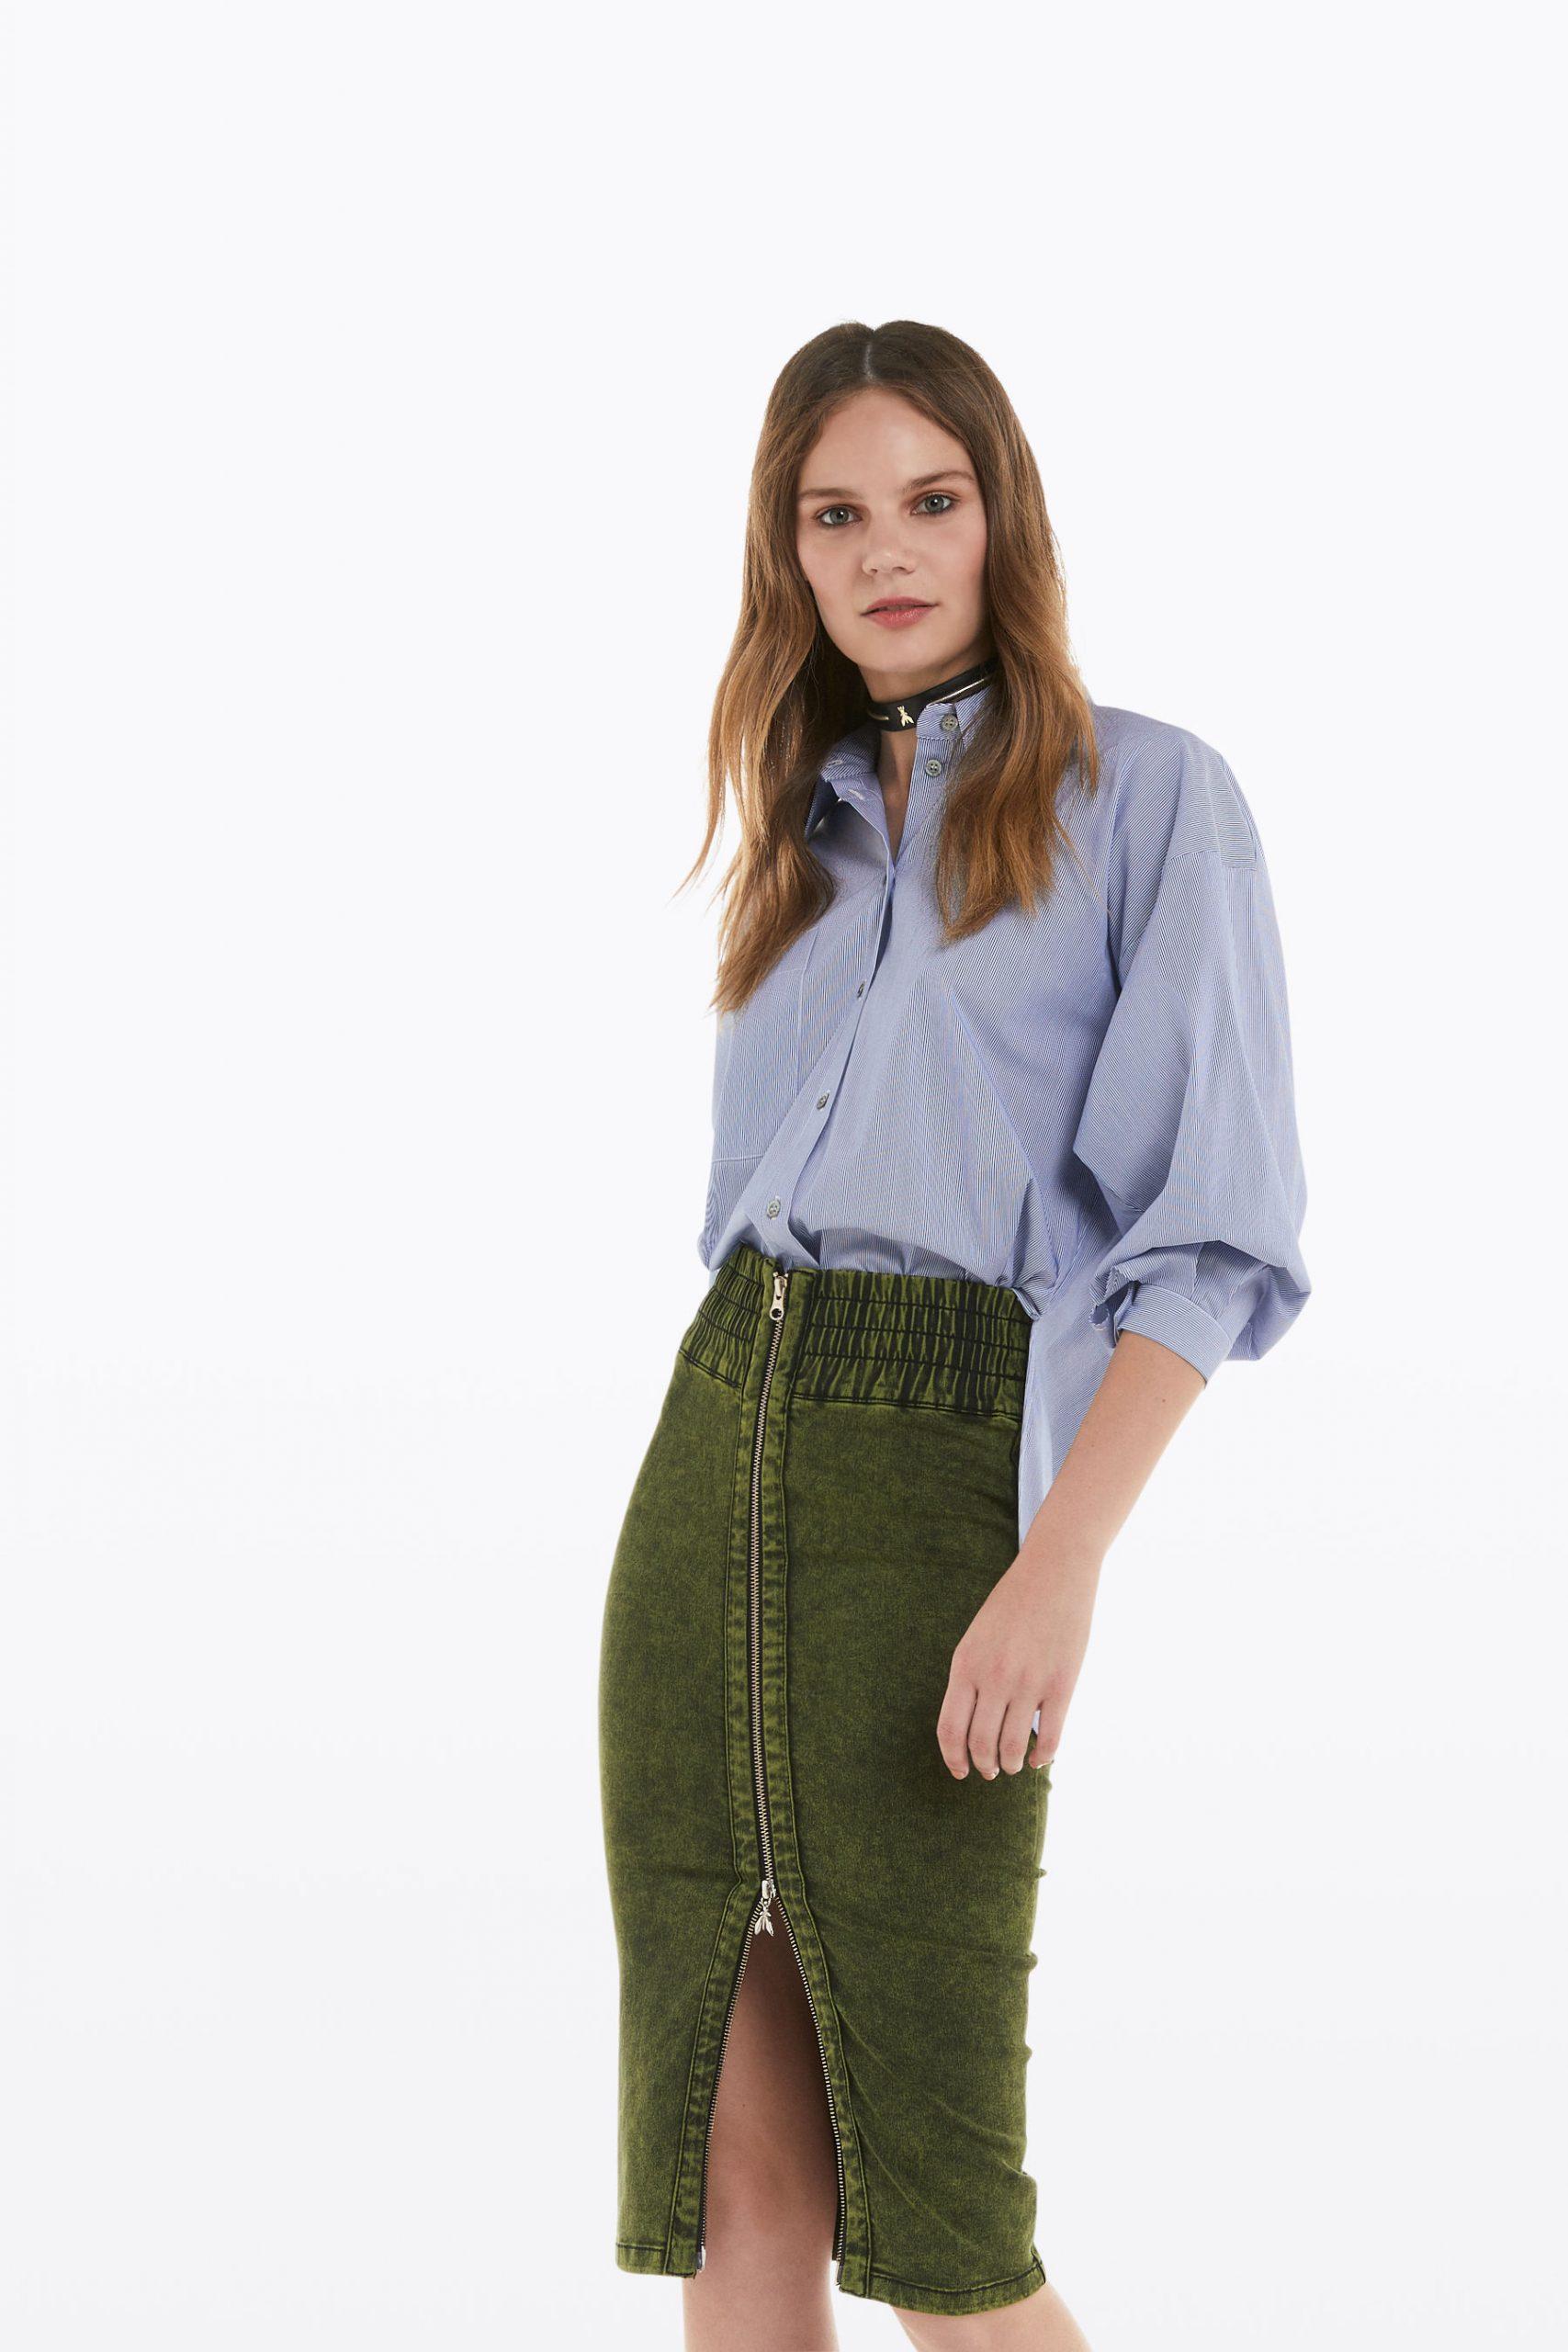 Abbigliamento Patrizia Pepe  Camicia over a righe Sky Way Stripes female collezione 2020 shop the look